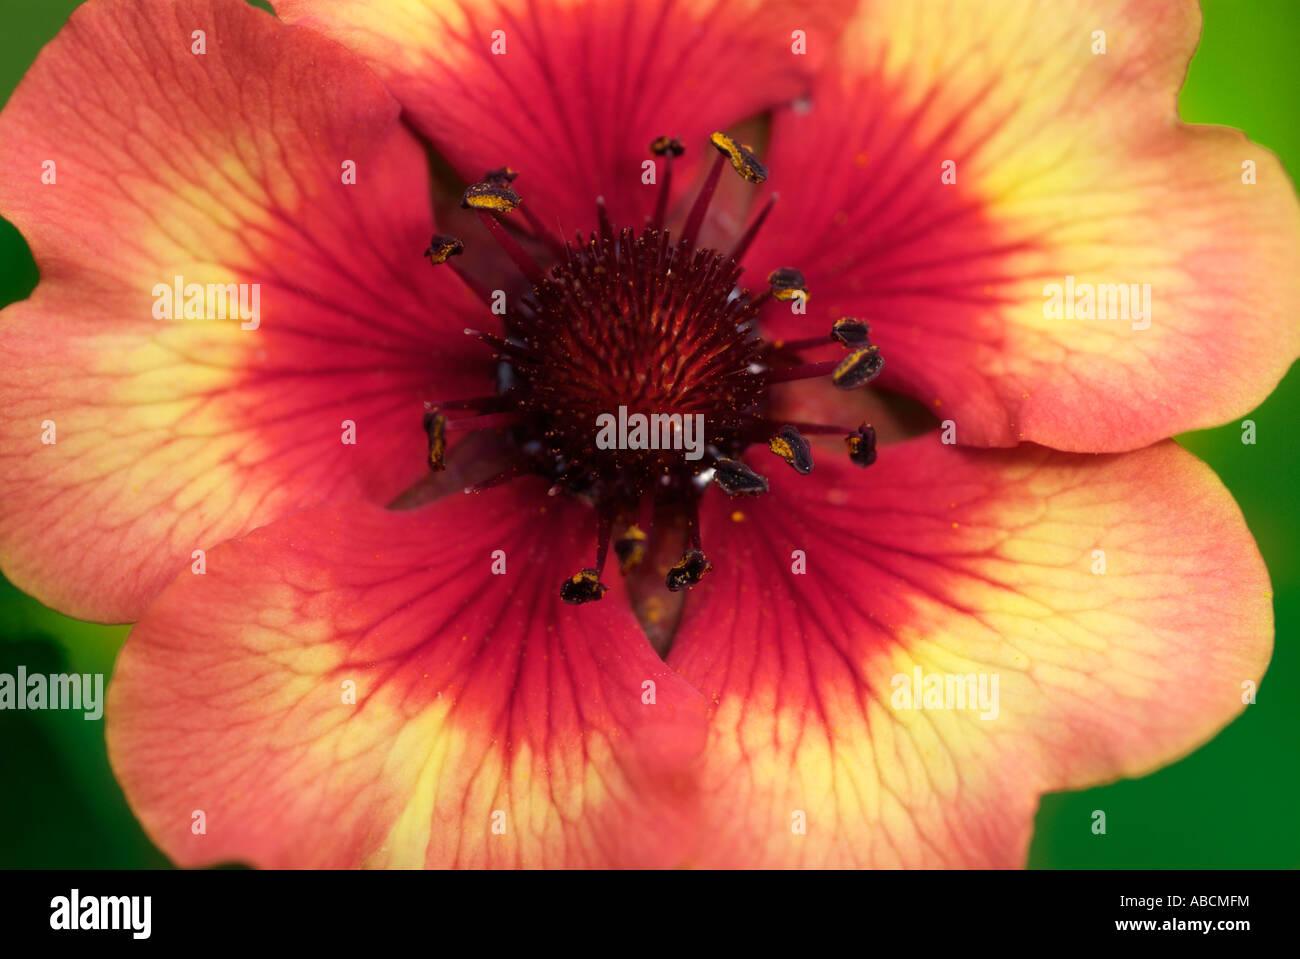 Geum onorevole Bradshaw testa fiore ardito perenne macro closeup close up dettaglio petali flowerhead garden REGNO UNITO Inghilterra British Britai Foto Stock